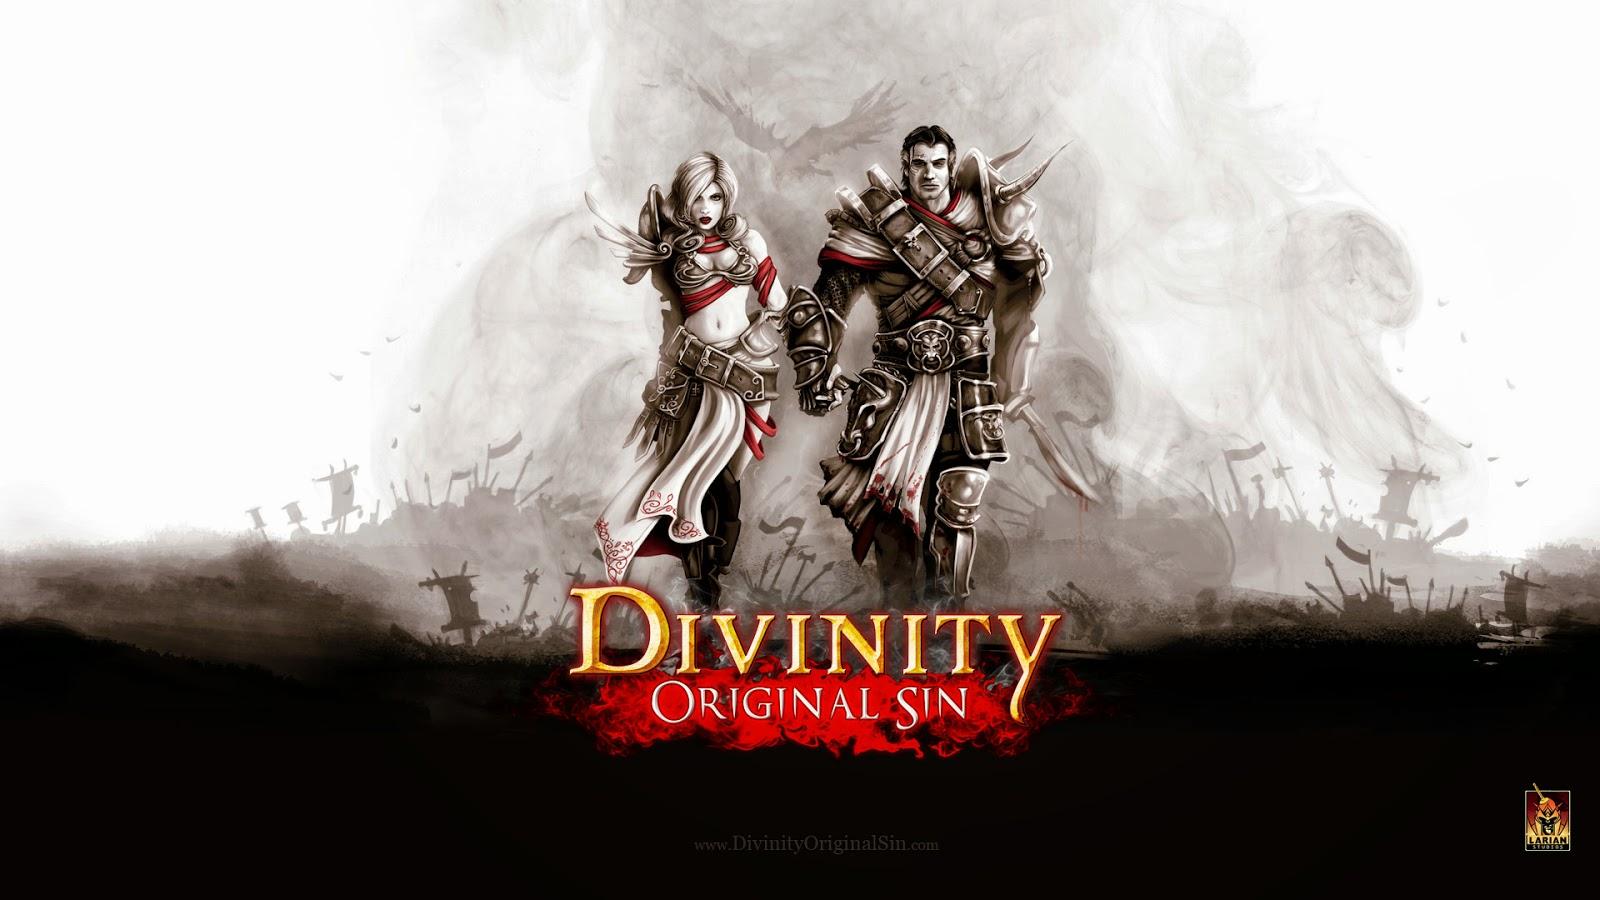 Divinity Original Sin, traducido al español